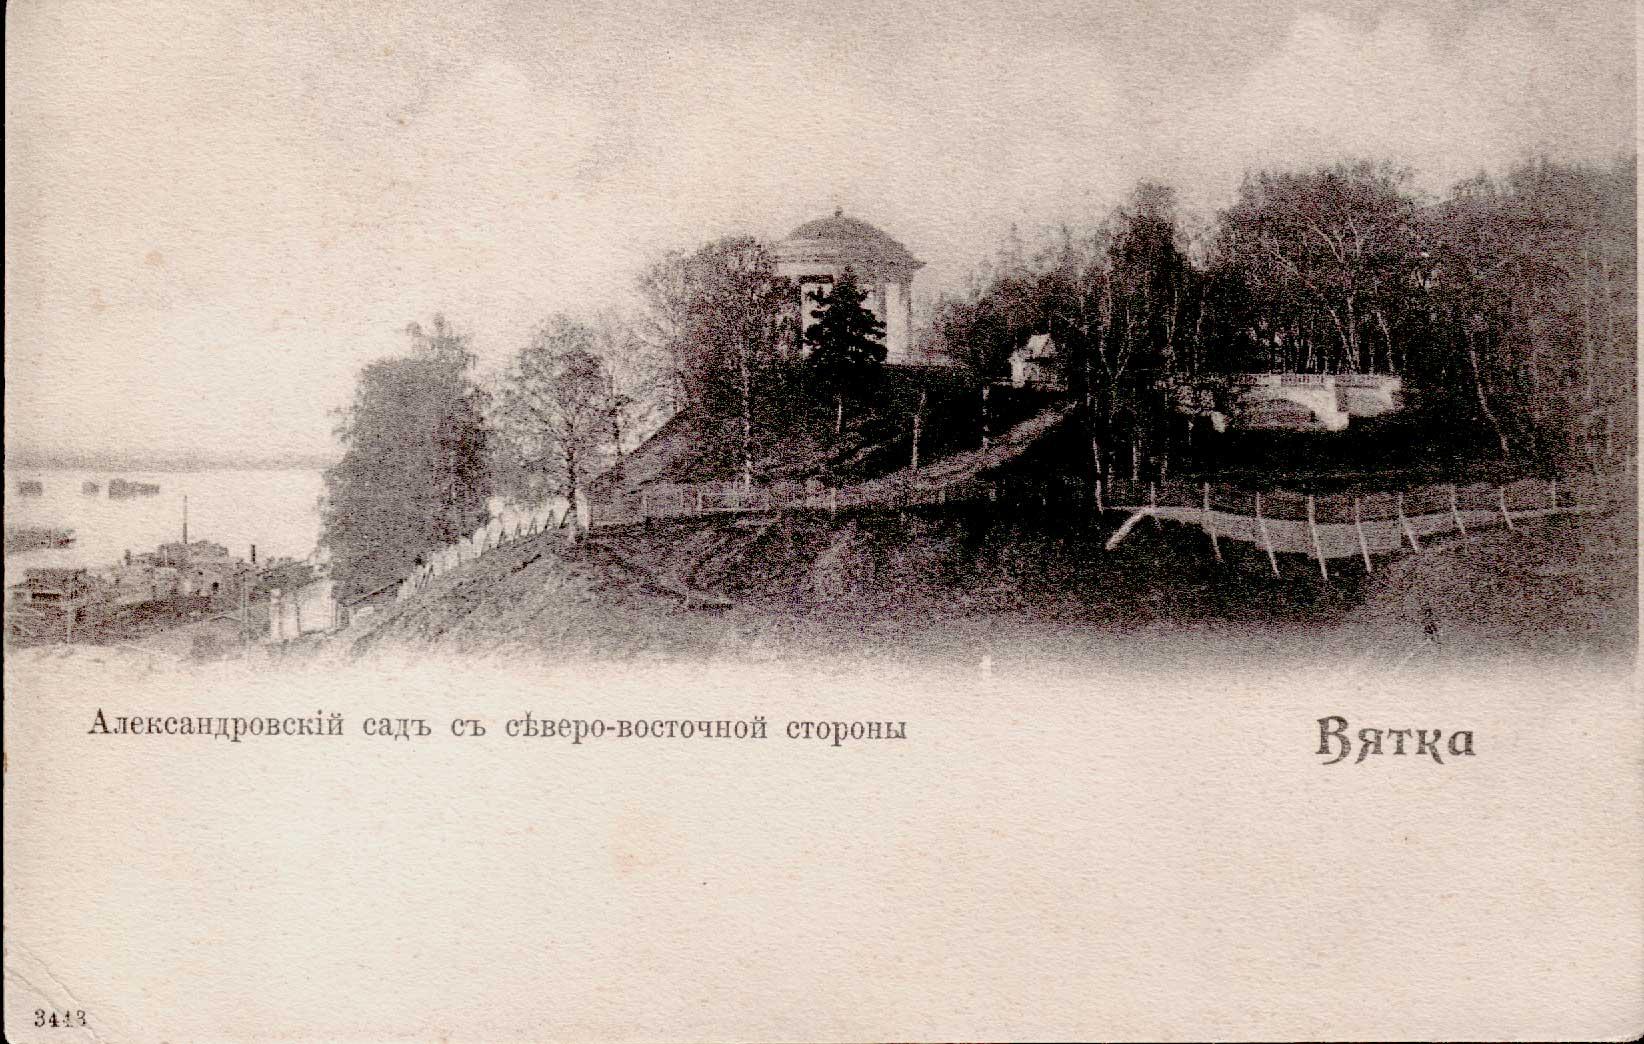 Александровский сад с северо-восточной стороны